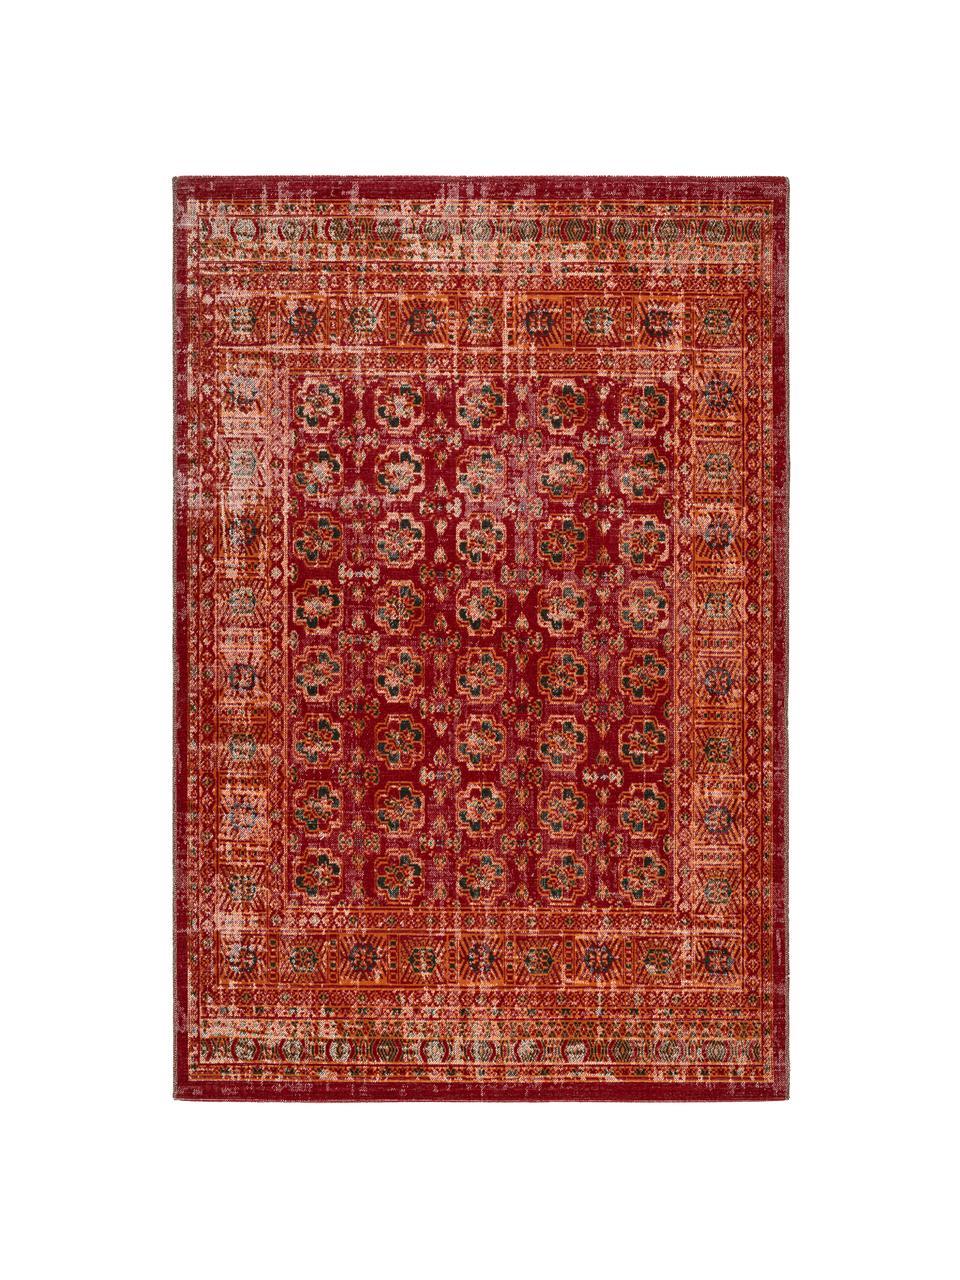 Dywan wewnętrzny/zewnętrzny Tilas, 100% polipropylen, Czerwony, pomarańczowy, antracytowy, S 80 x D 150 cm (Rozmiar XS)